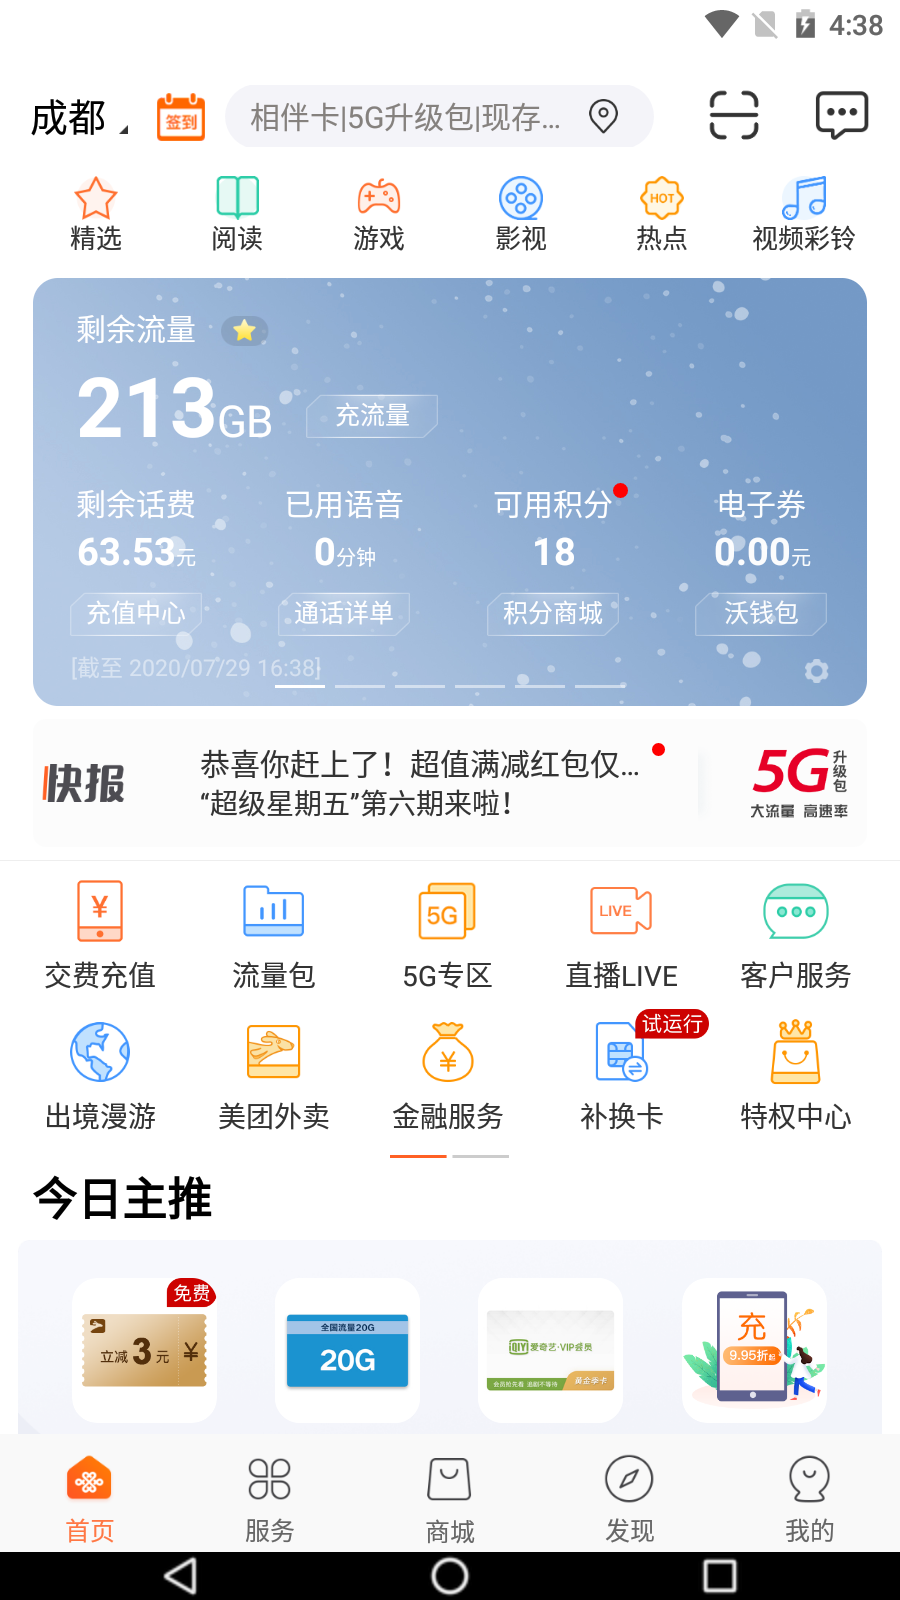 [出张电话卡]沃派熊猫卡-四川-图2